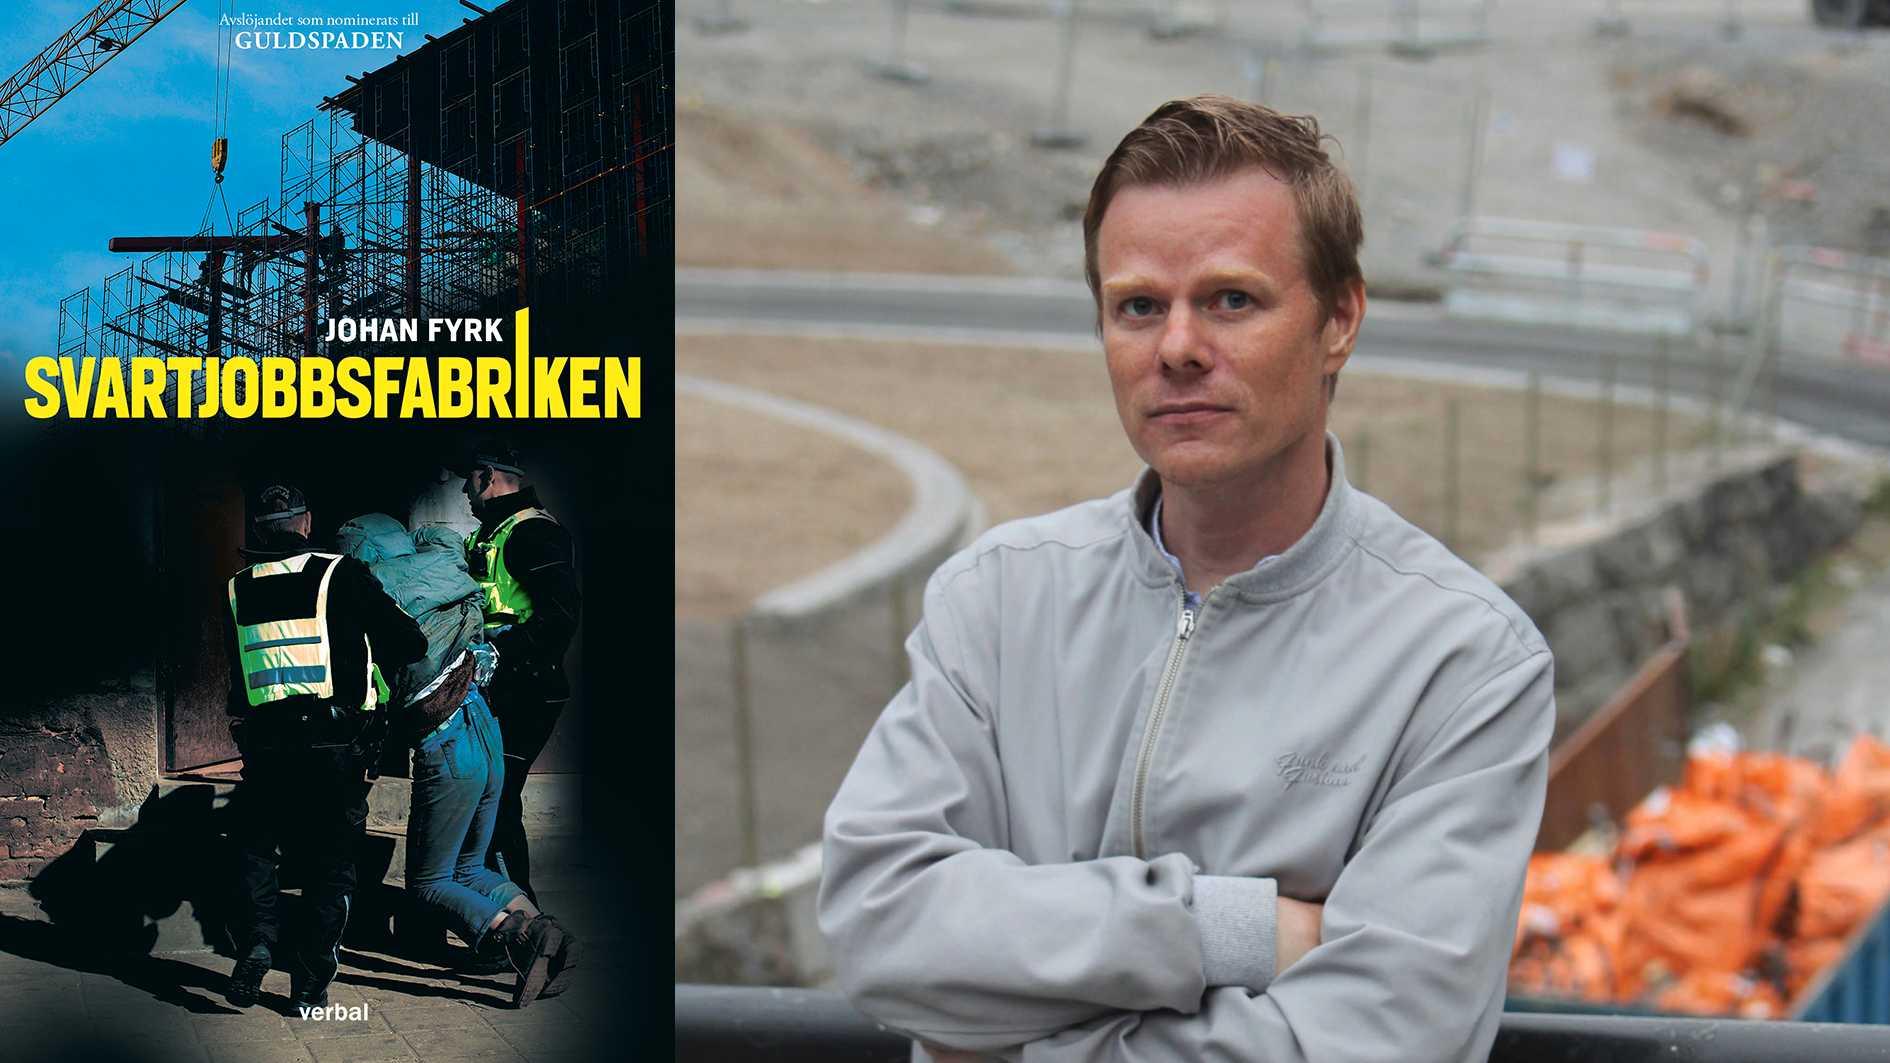 """Johan Fyrk (född 1977) är reporter på Byggnadsarbetaren. 2020 nominerades han till Guldspaden för reportageserien """"Svartjobbsfabriken""""."""